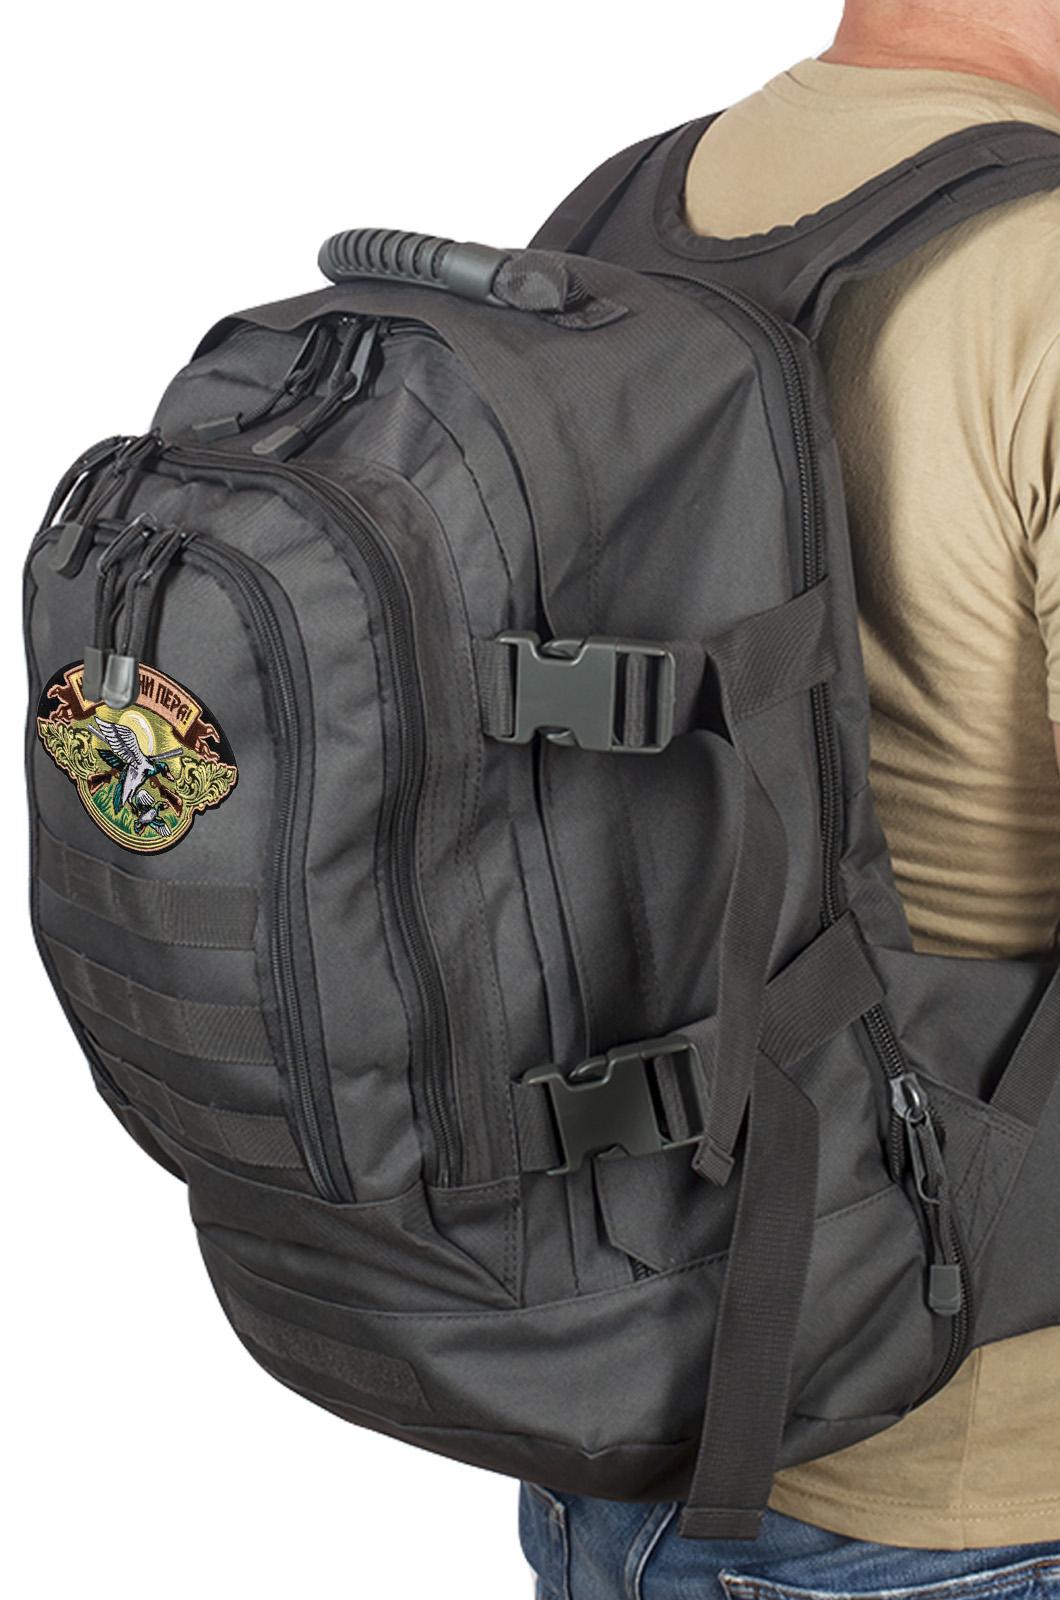 Универсальный мужской рюкзак с нашивкой Ни Пуха ни Пера - купит оптом